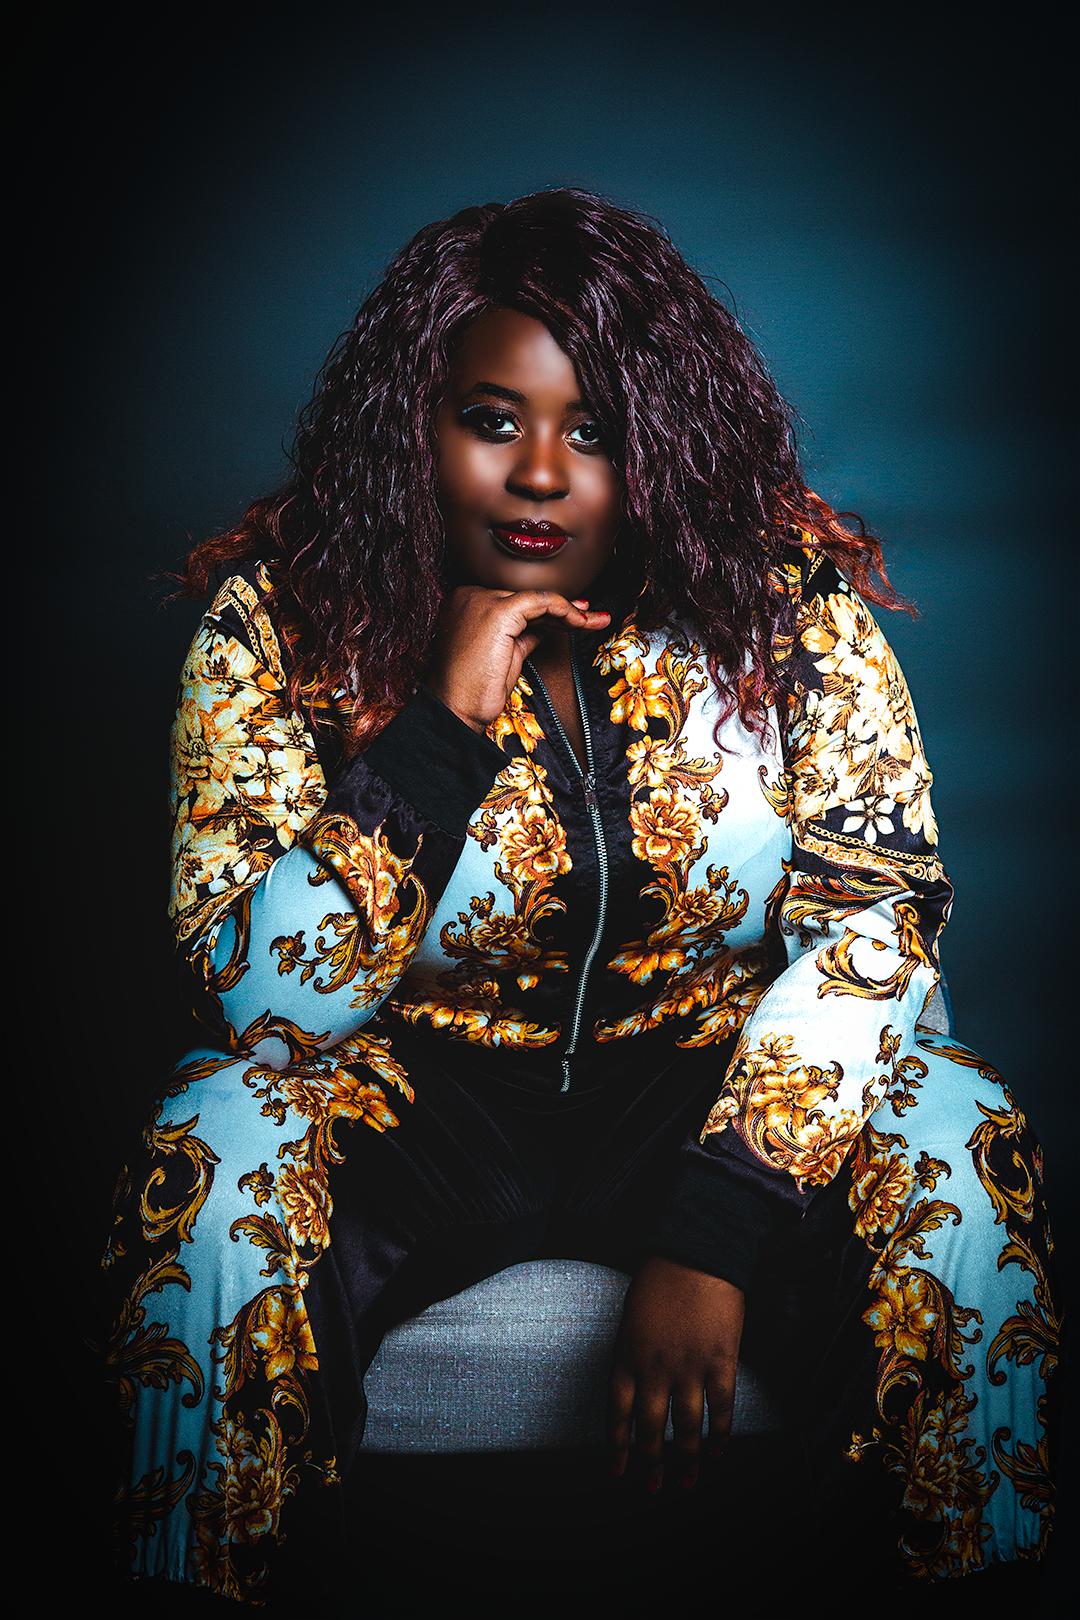 Singer, rapper and writer Missy D